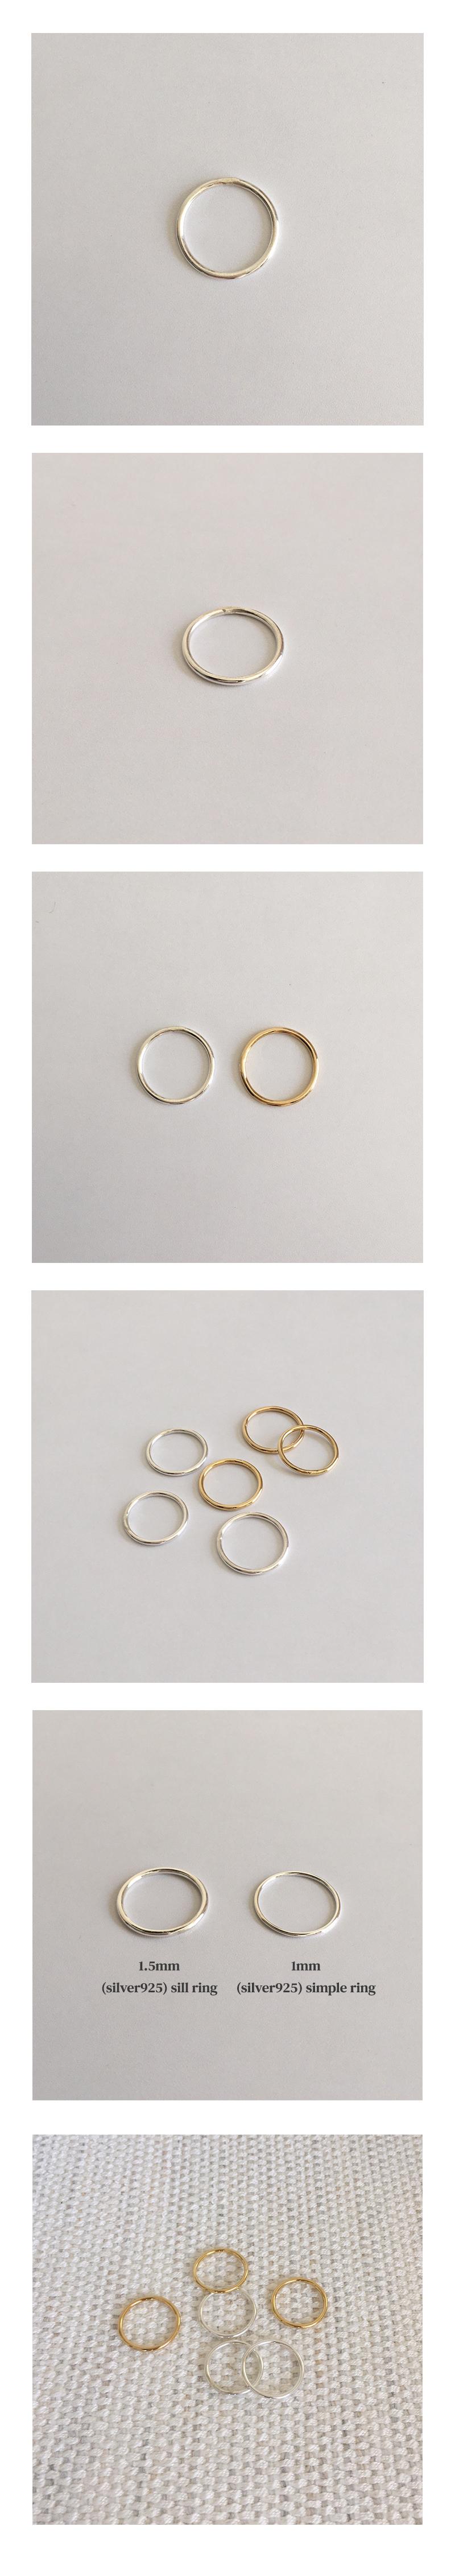 sill ring